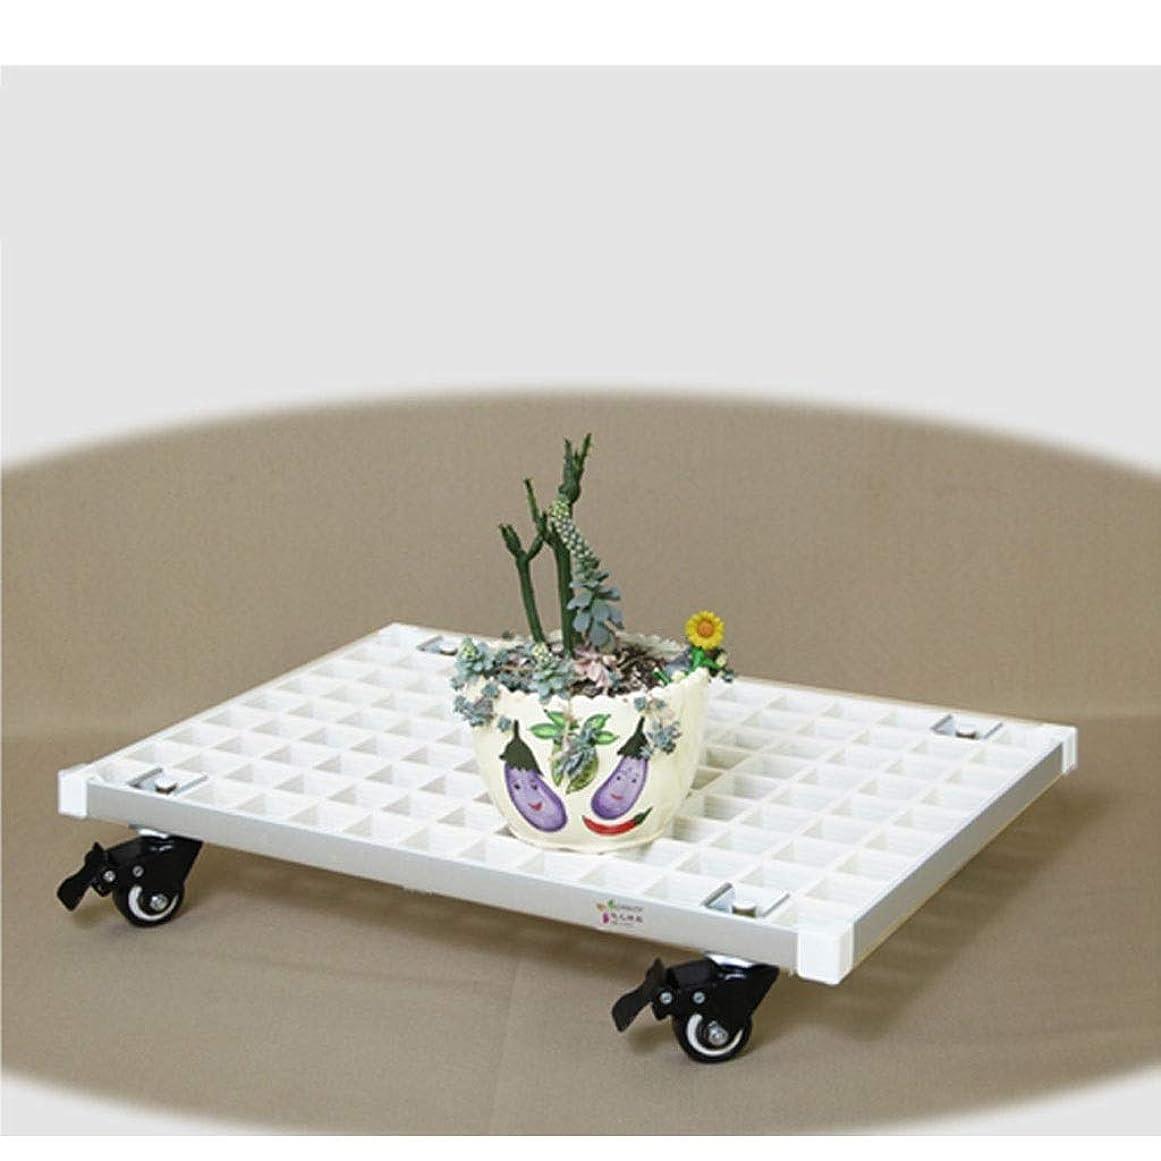 不透明なレイアウトテンポ77 Cmx 50 Cm耐久重量320 Kg四角植物鉢トレイ工業級8個の車輪でアルミ合金の縁を補強し、大型移動可能植物トレイ台座、鉢植え植物トレイ (色 : 白)